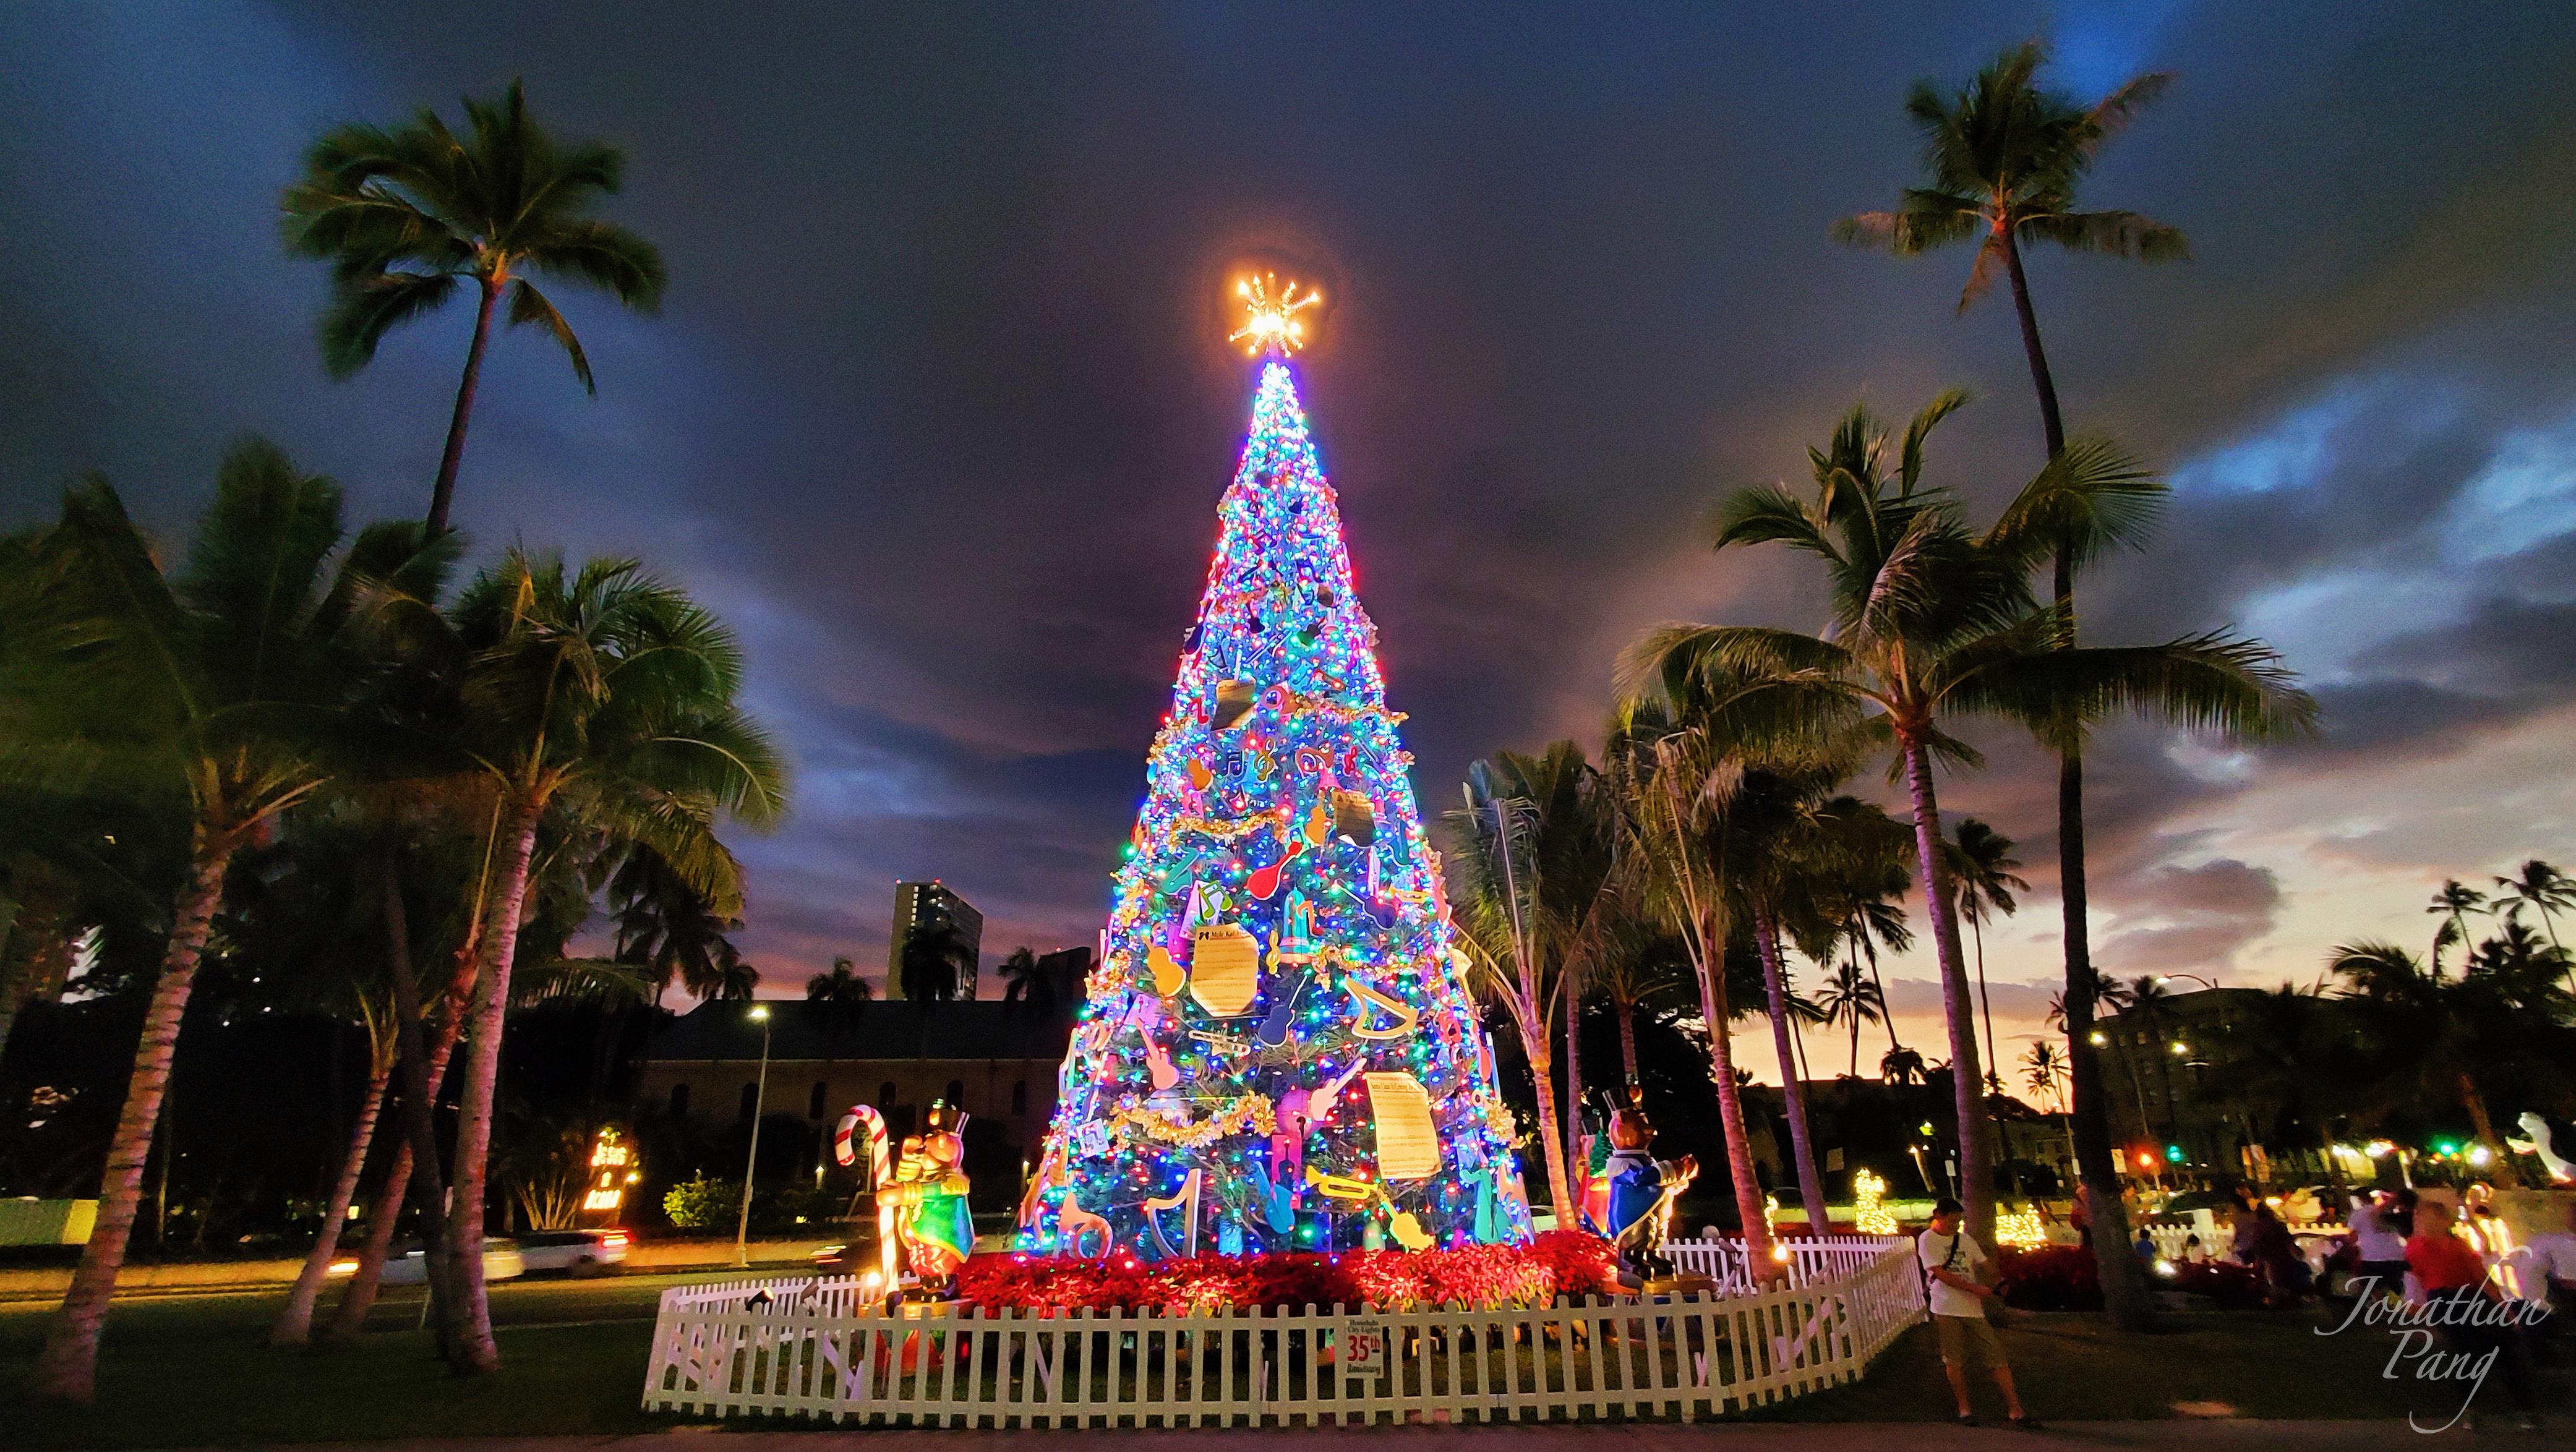 Honolulu Hale Christmas Tree